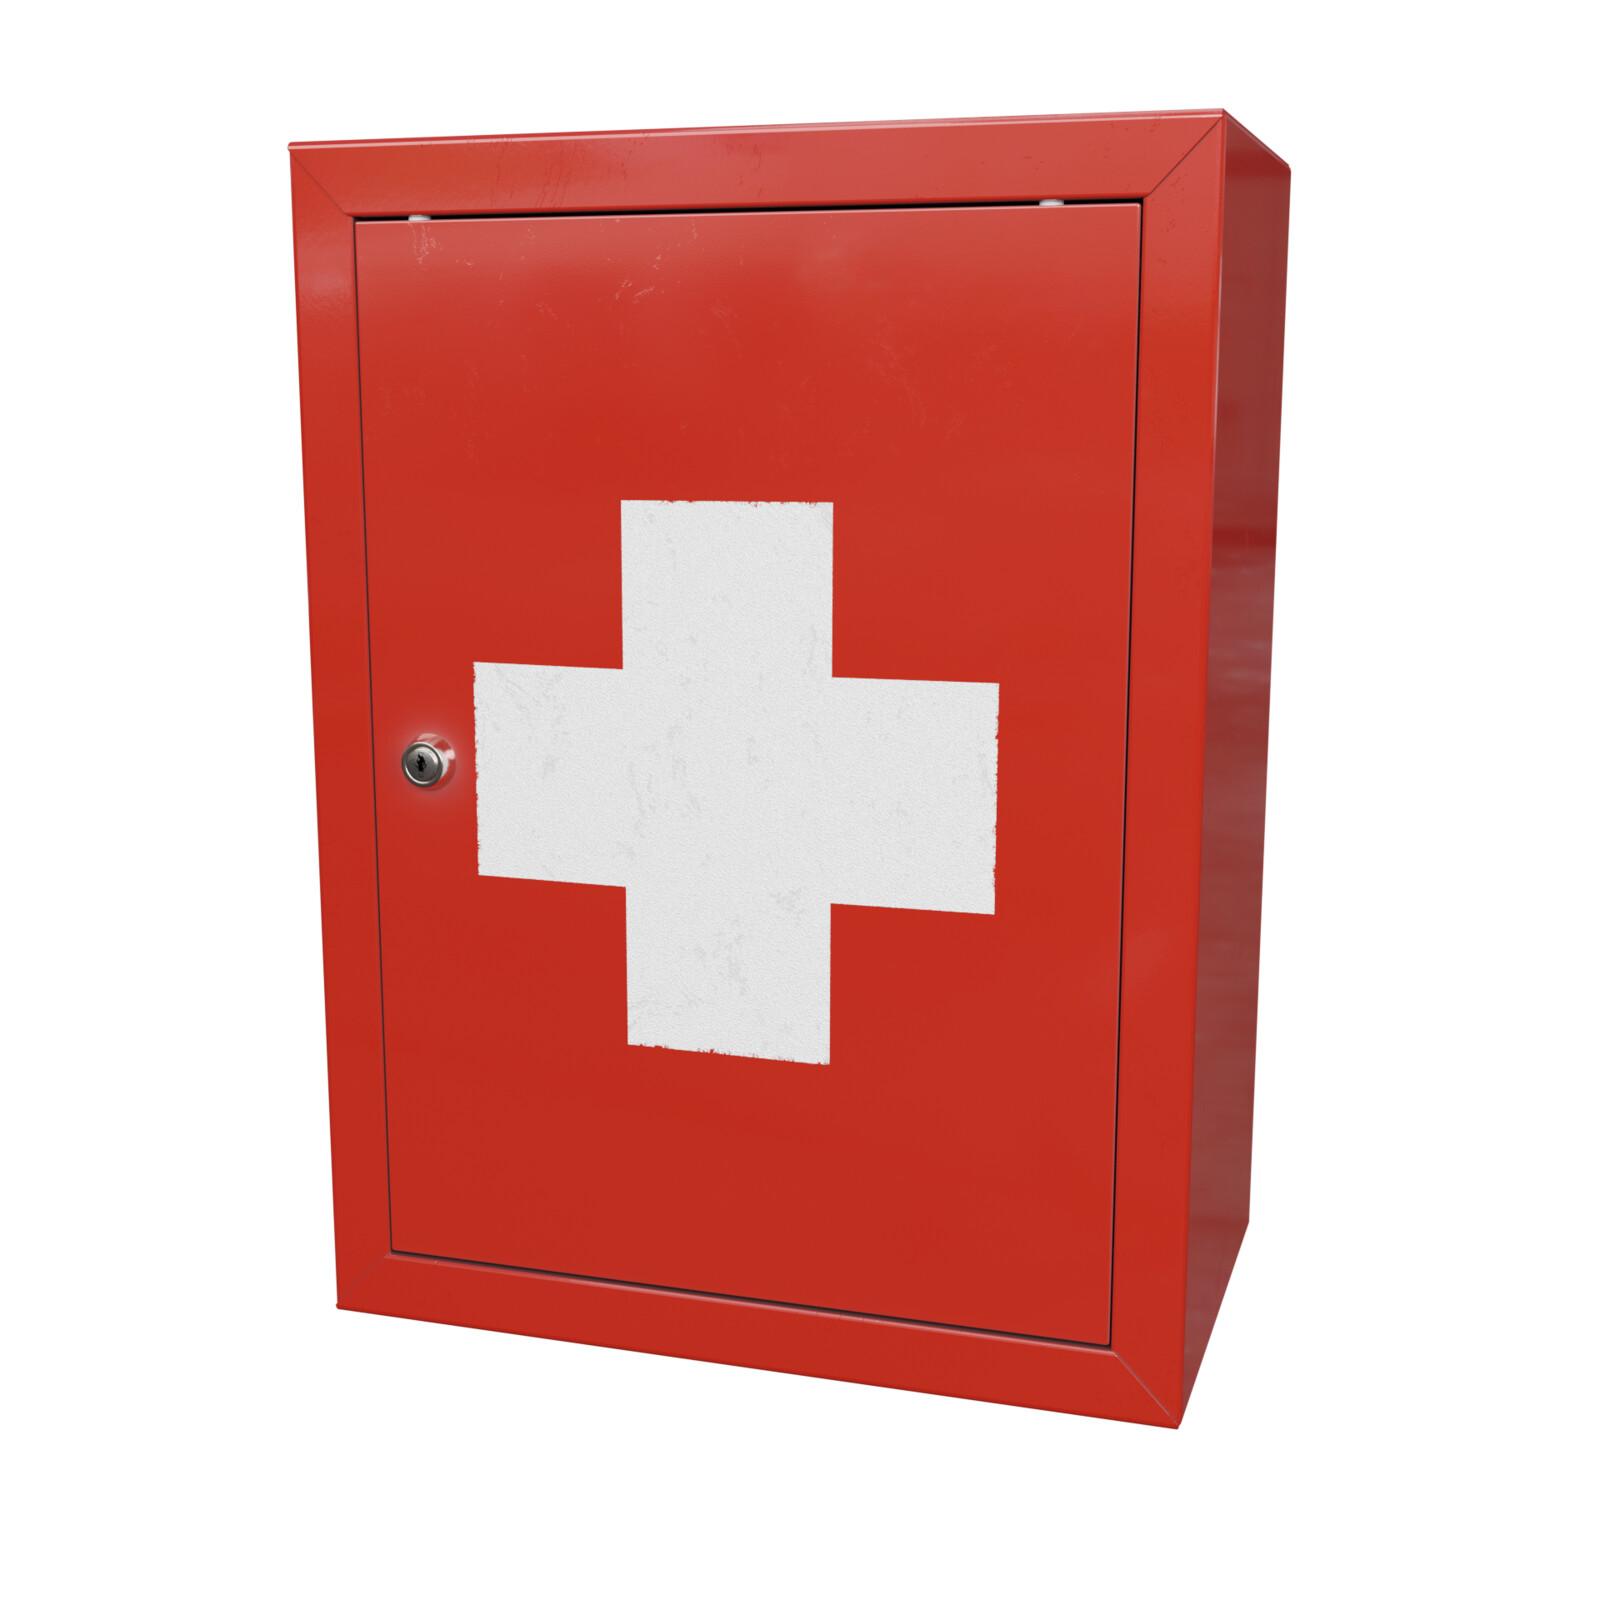 Very simple metal box!